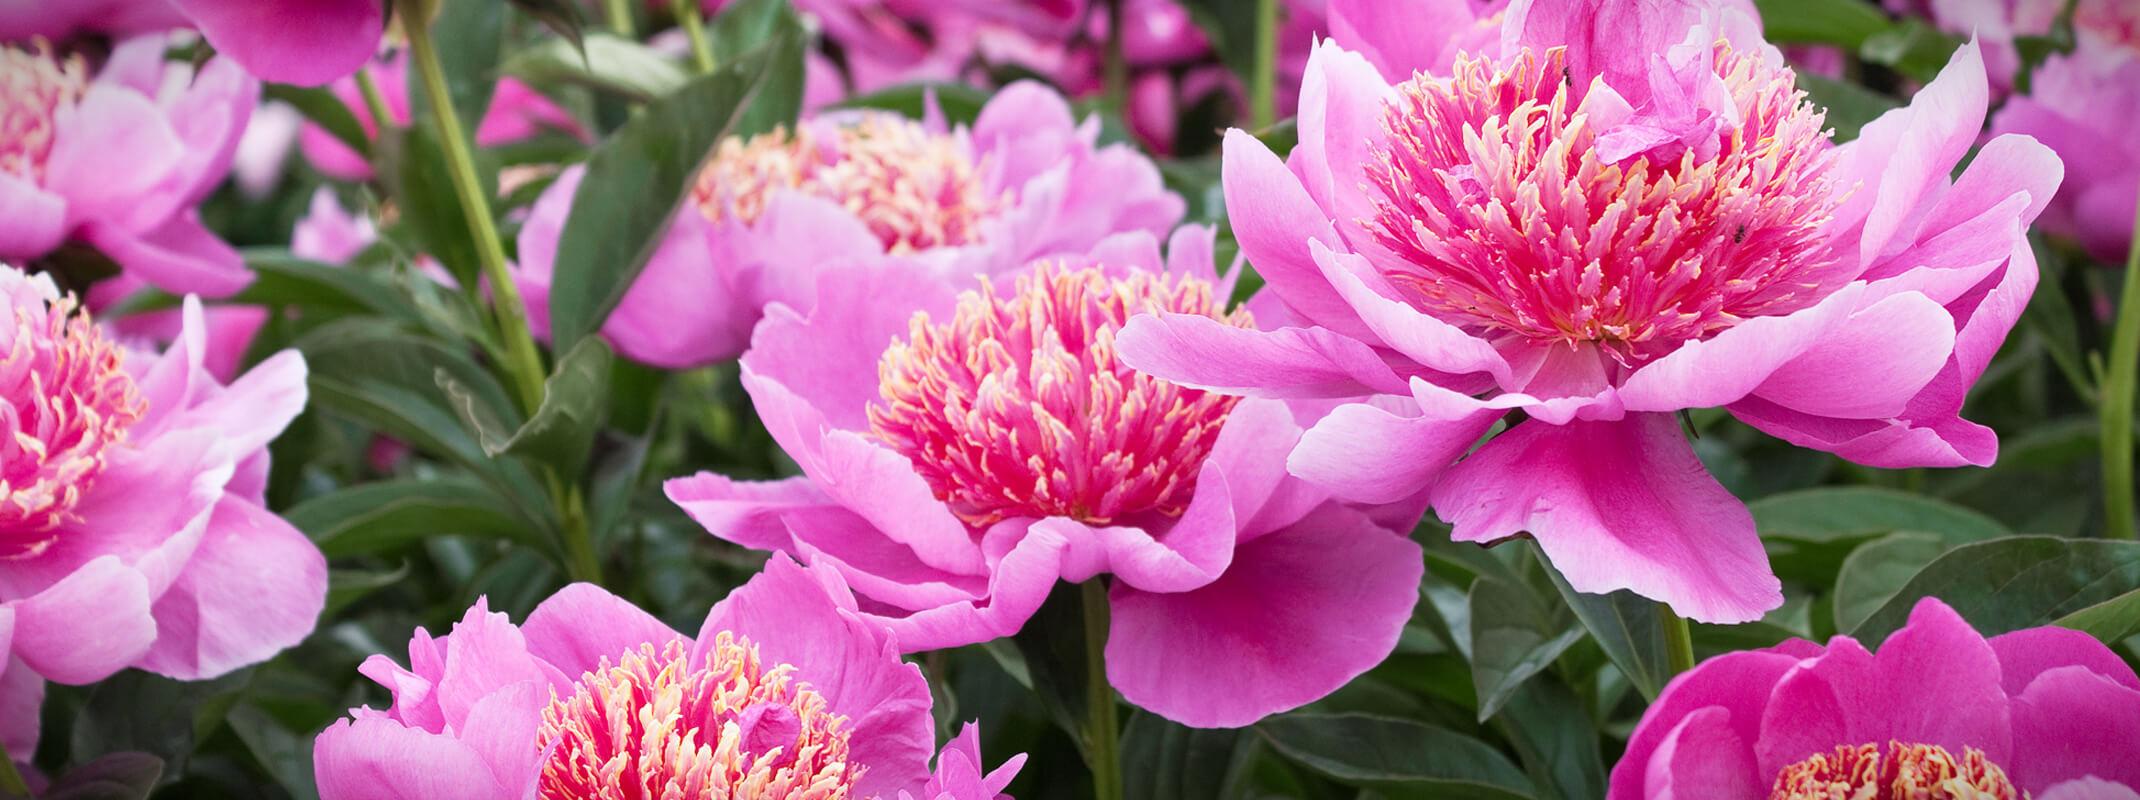 Blooming pink peonies